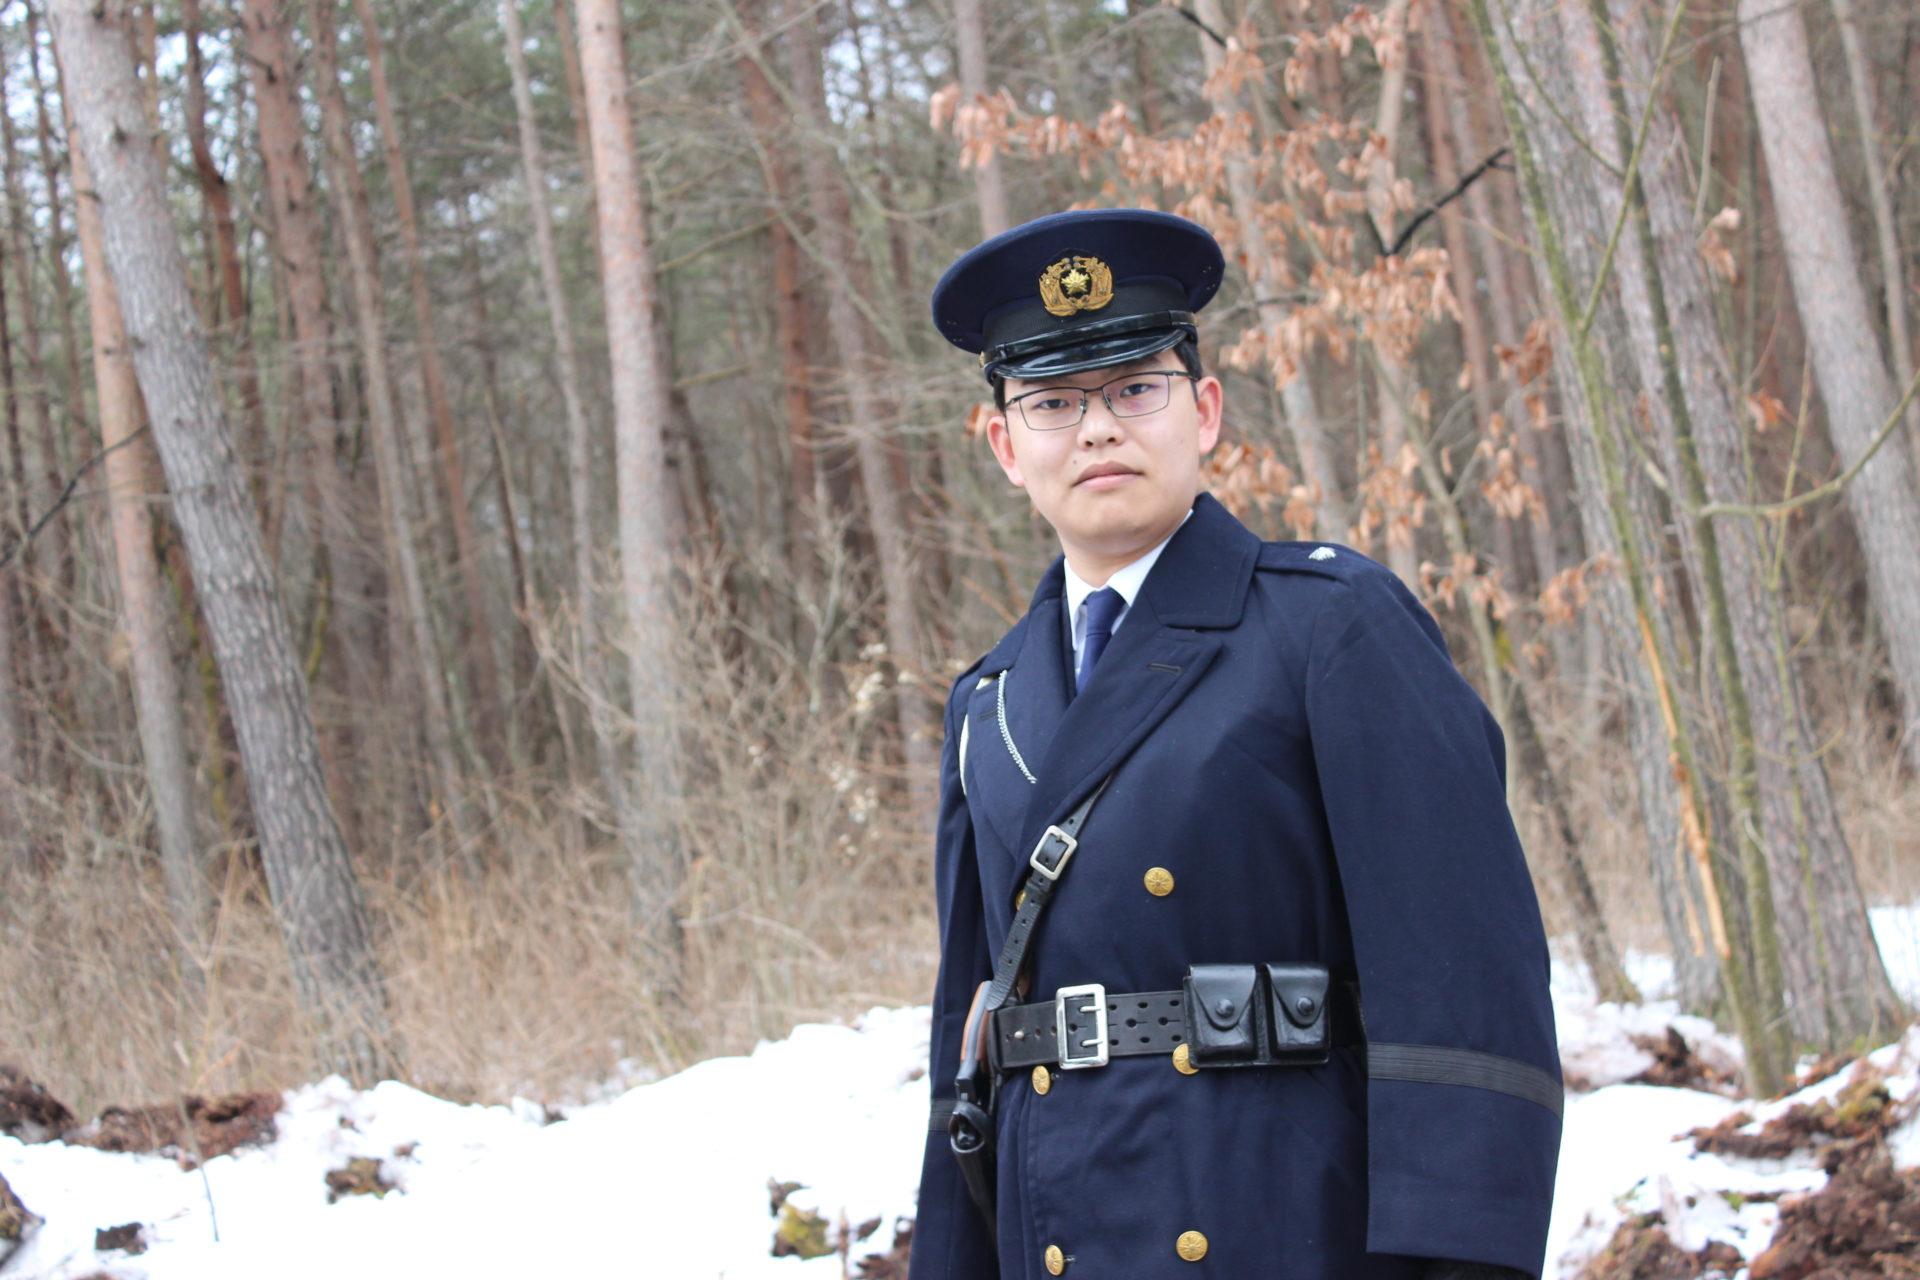 2月22日ルネス軽井沢のカール旧型日本国警察官制服(昭和21年~平成6年まで使用)のコスプレイヤーさん